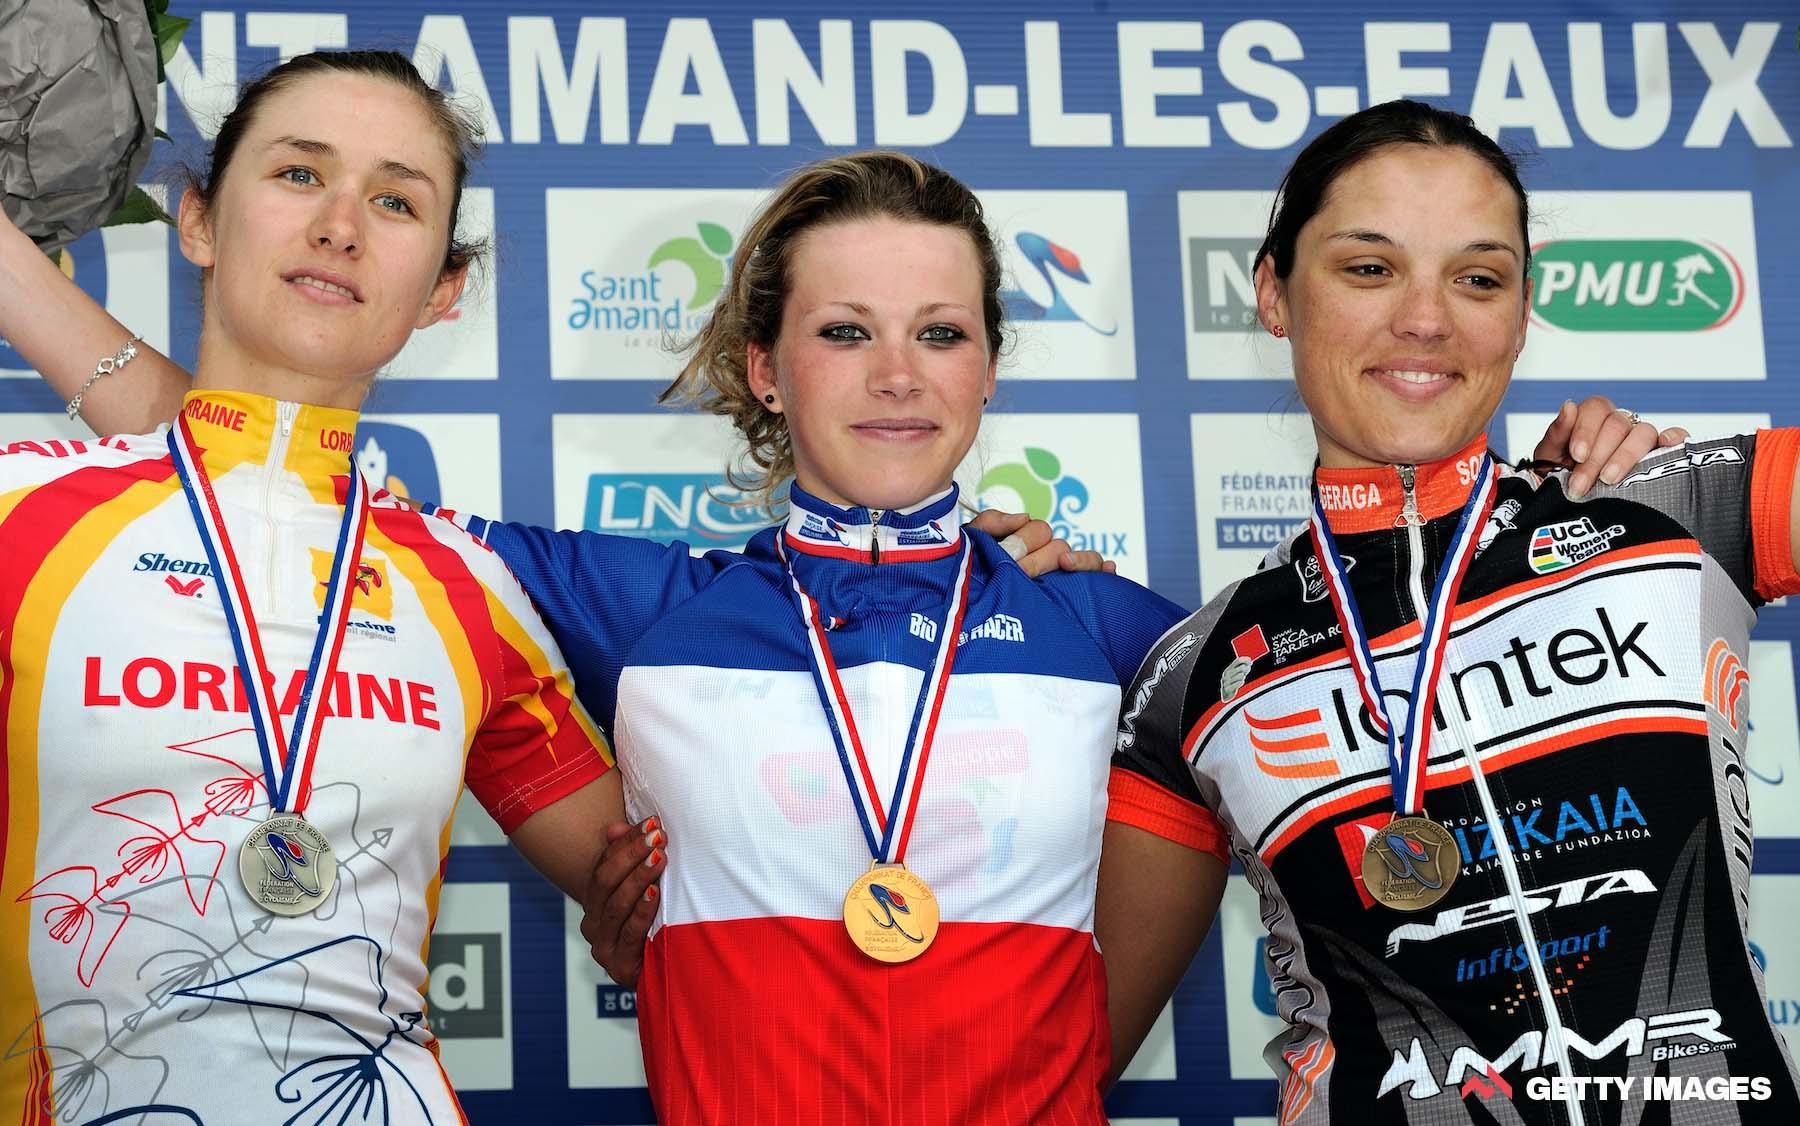 Marion Rousse alla guida del Tour de France Femmes